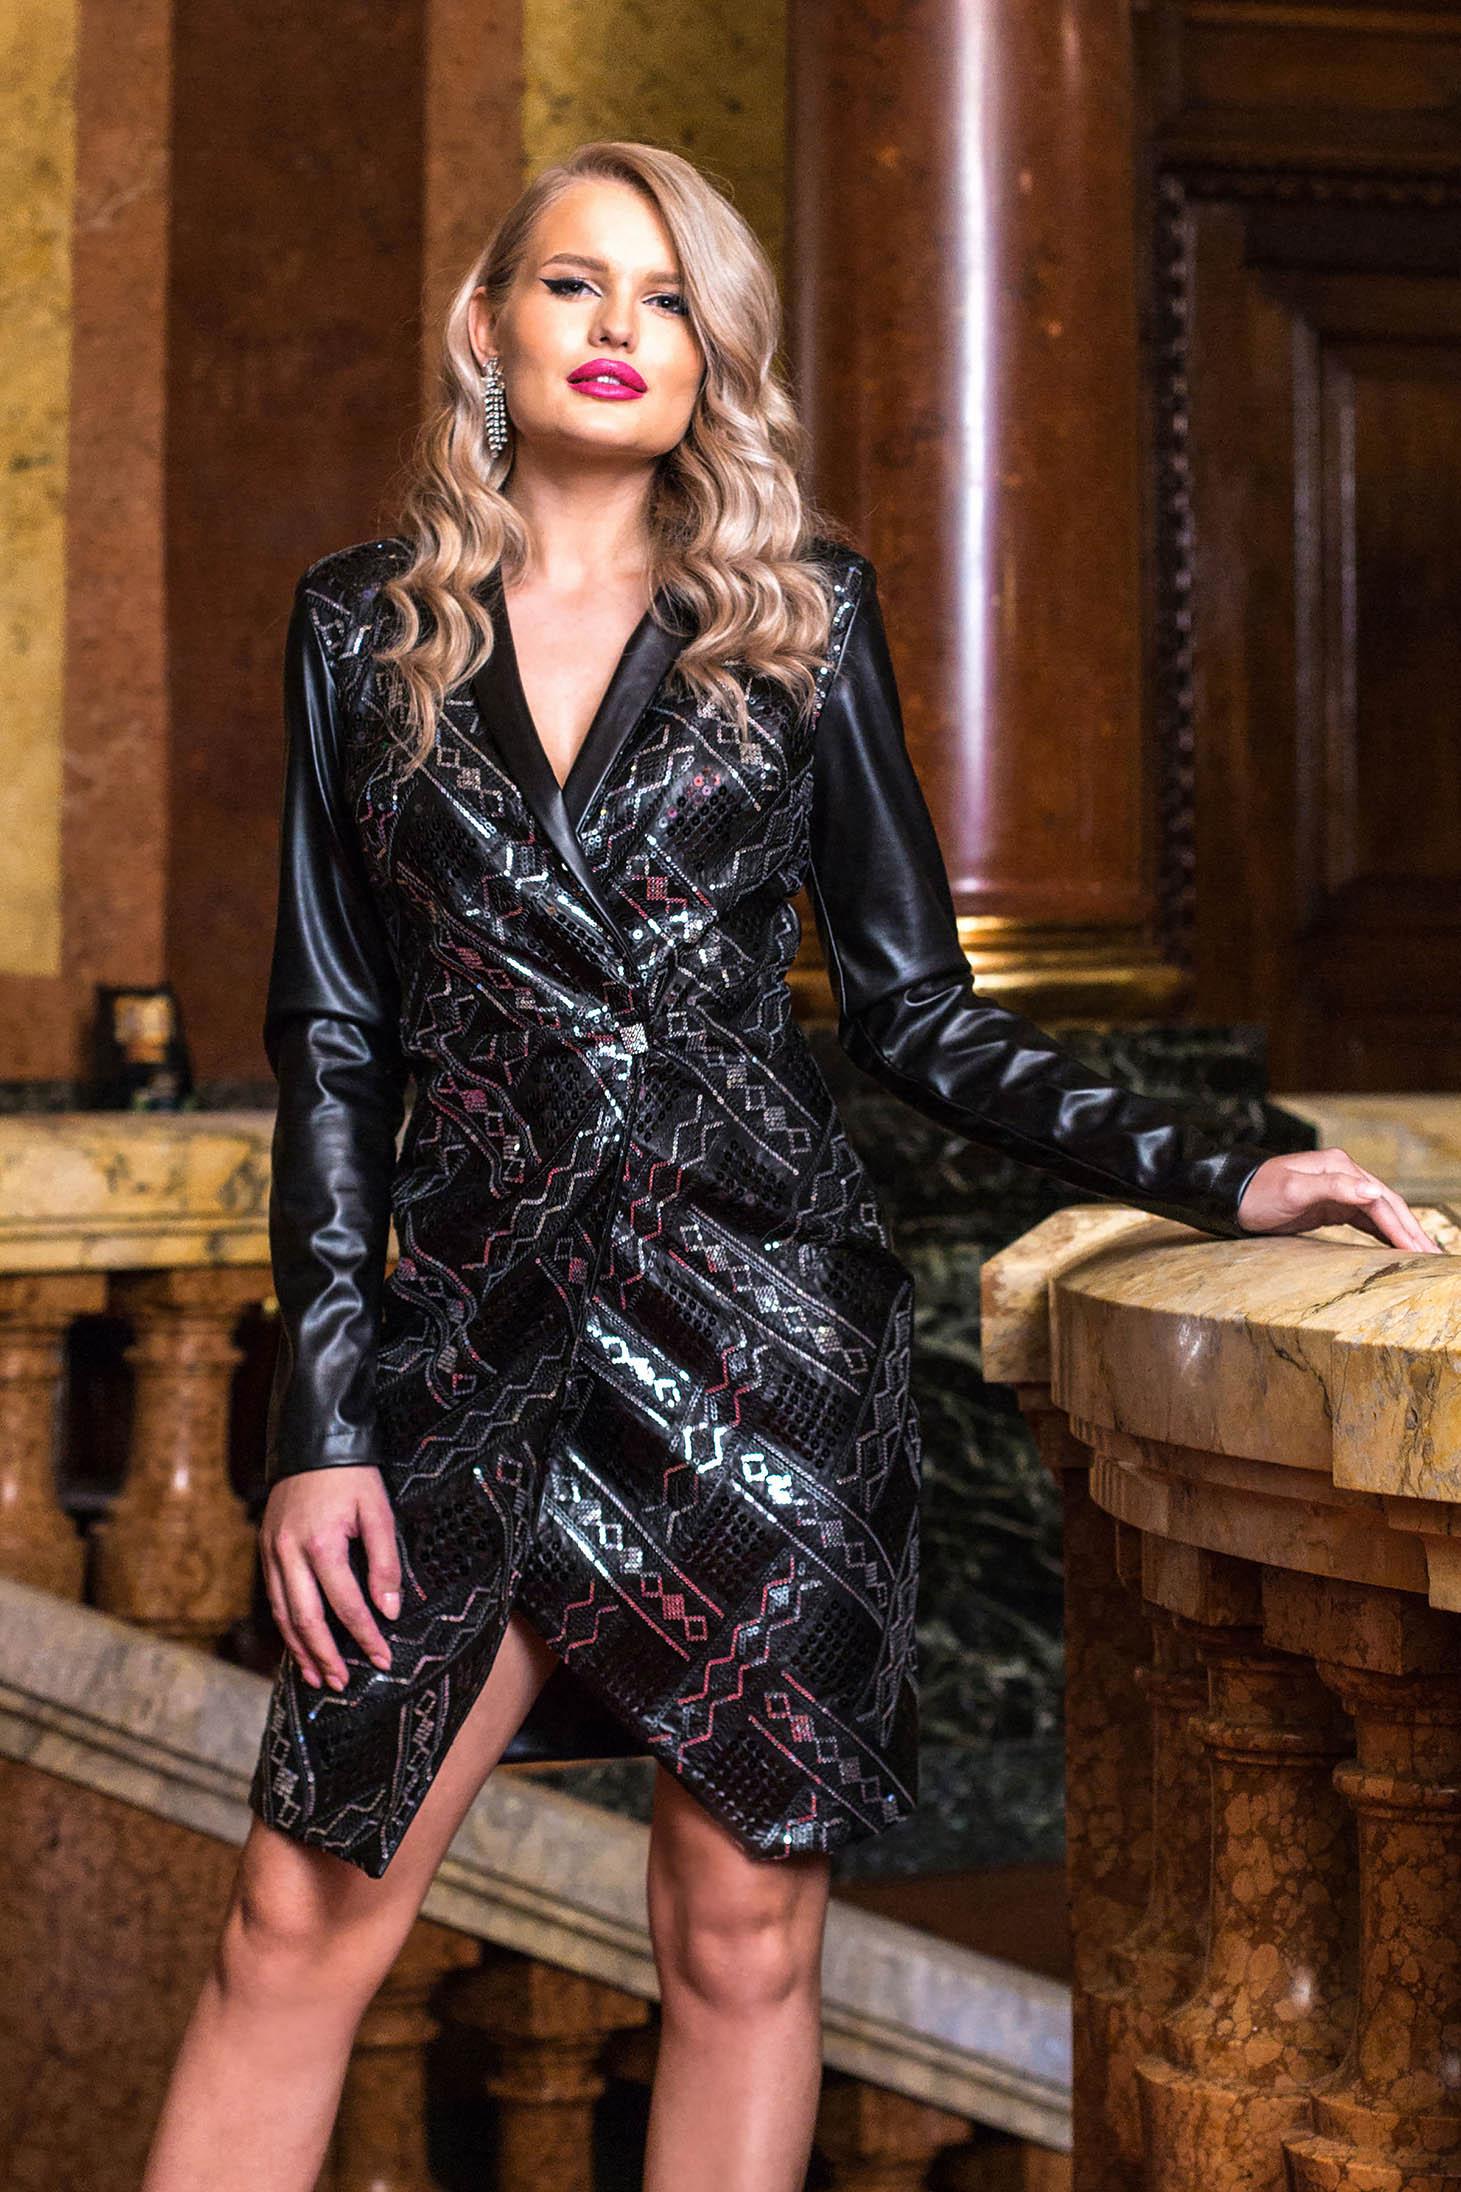 Dress black short cut occasional with v-neckline long sleeved gold metal details